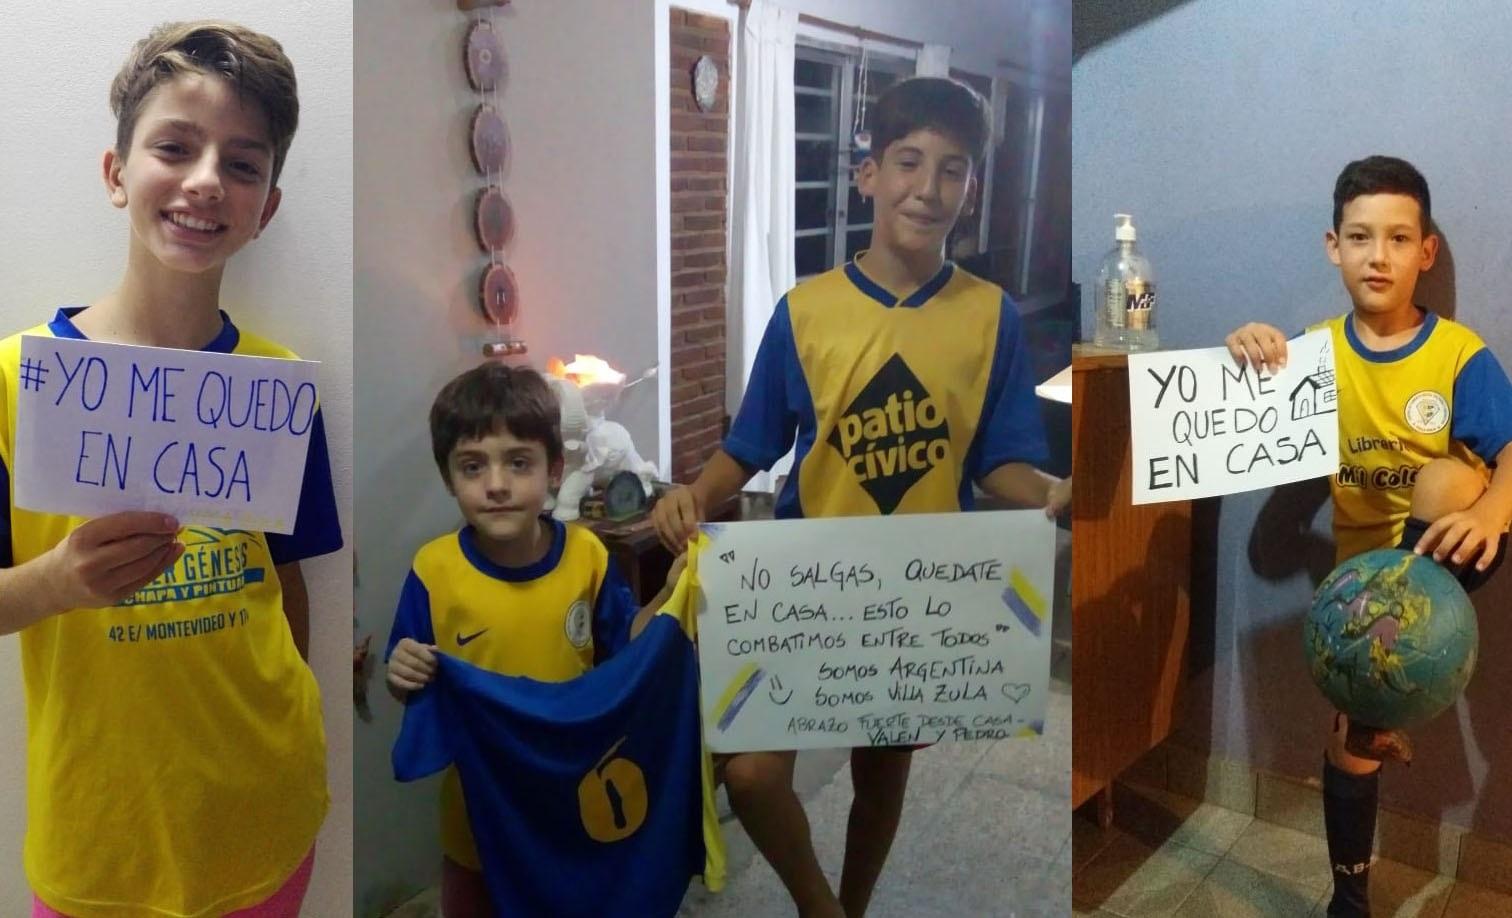 Club Villa Zula: A la espera y con el corazón dispuesto para volver a la institución